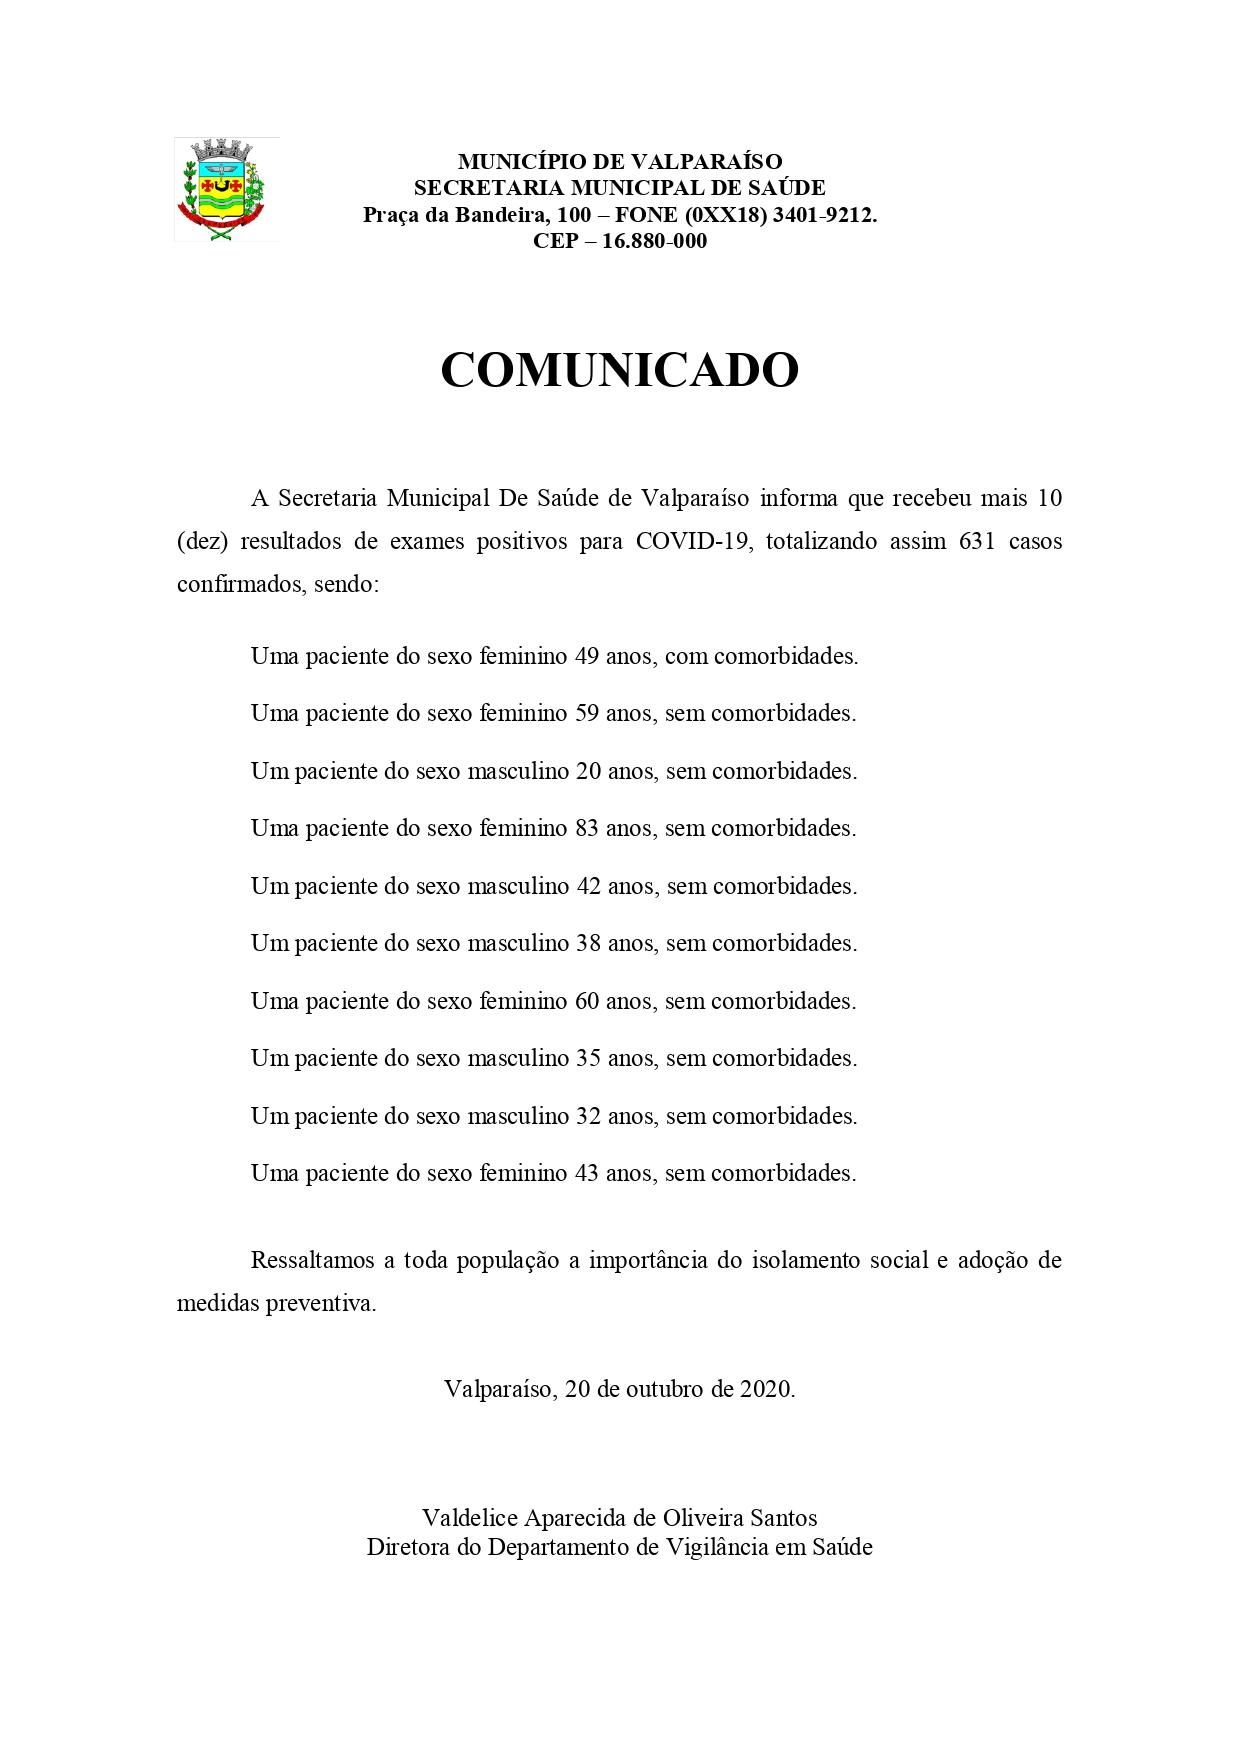 covid631